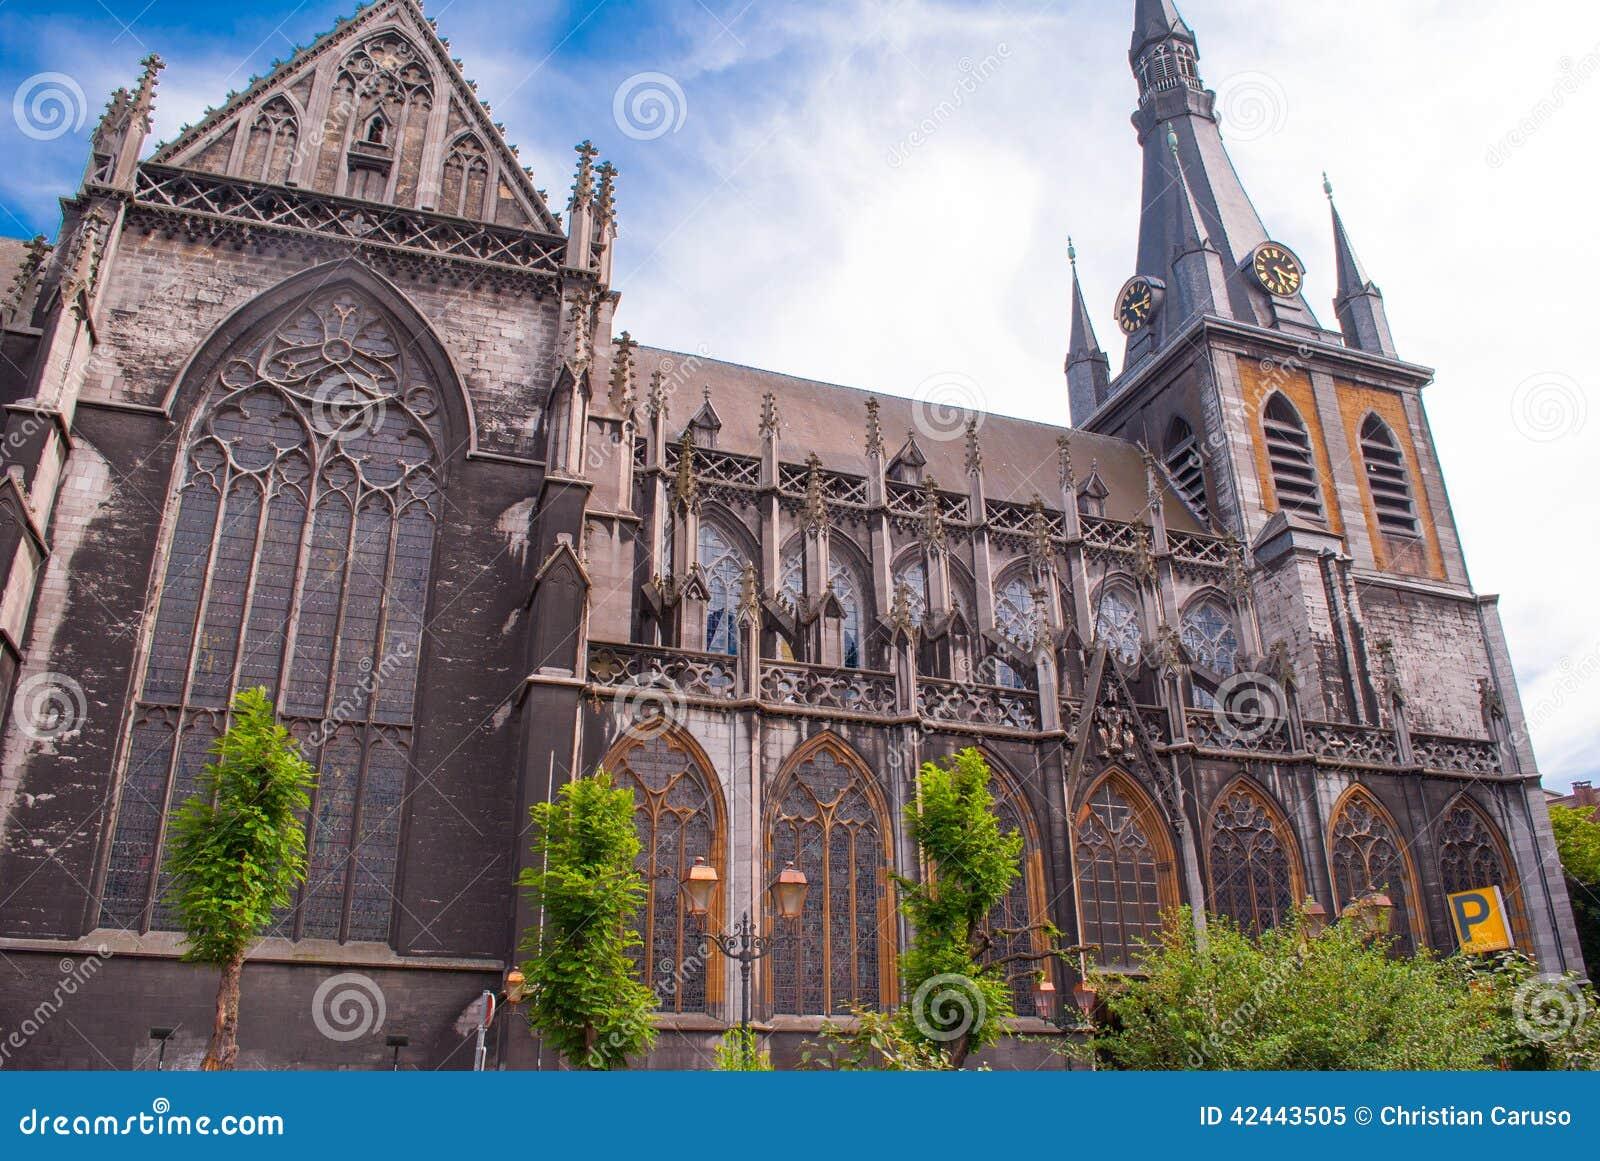 La catedral de St. Louis